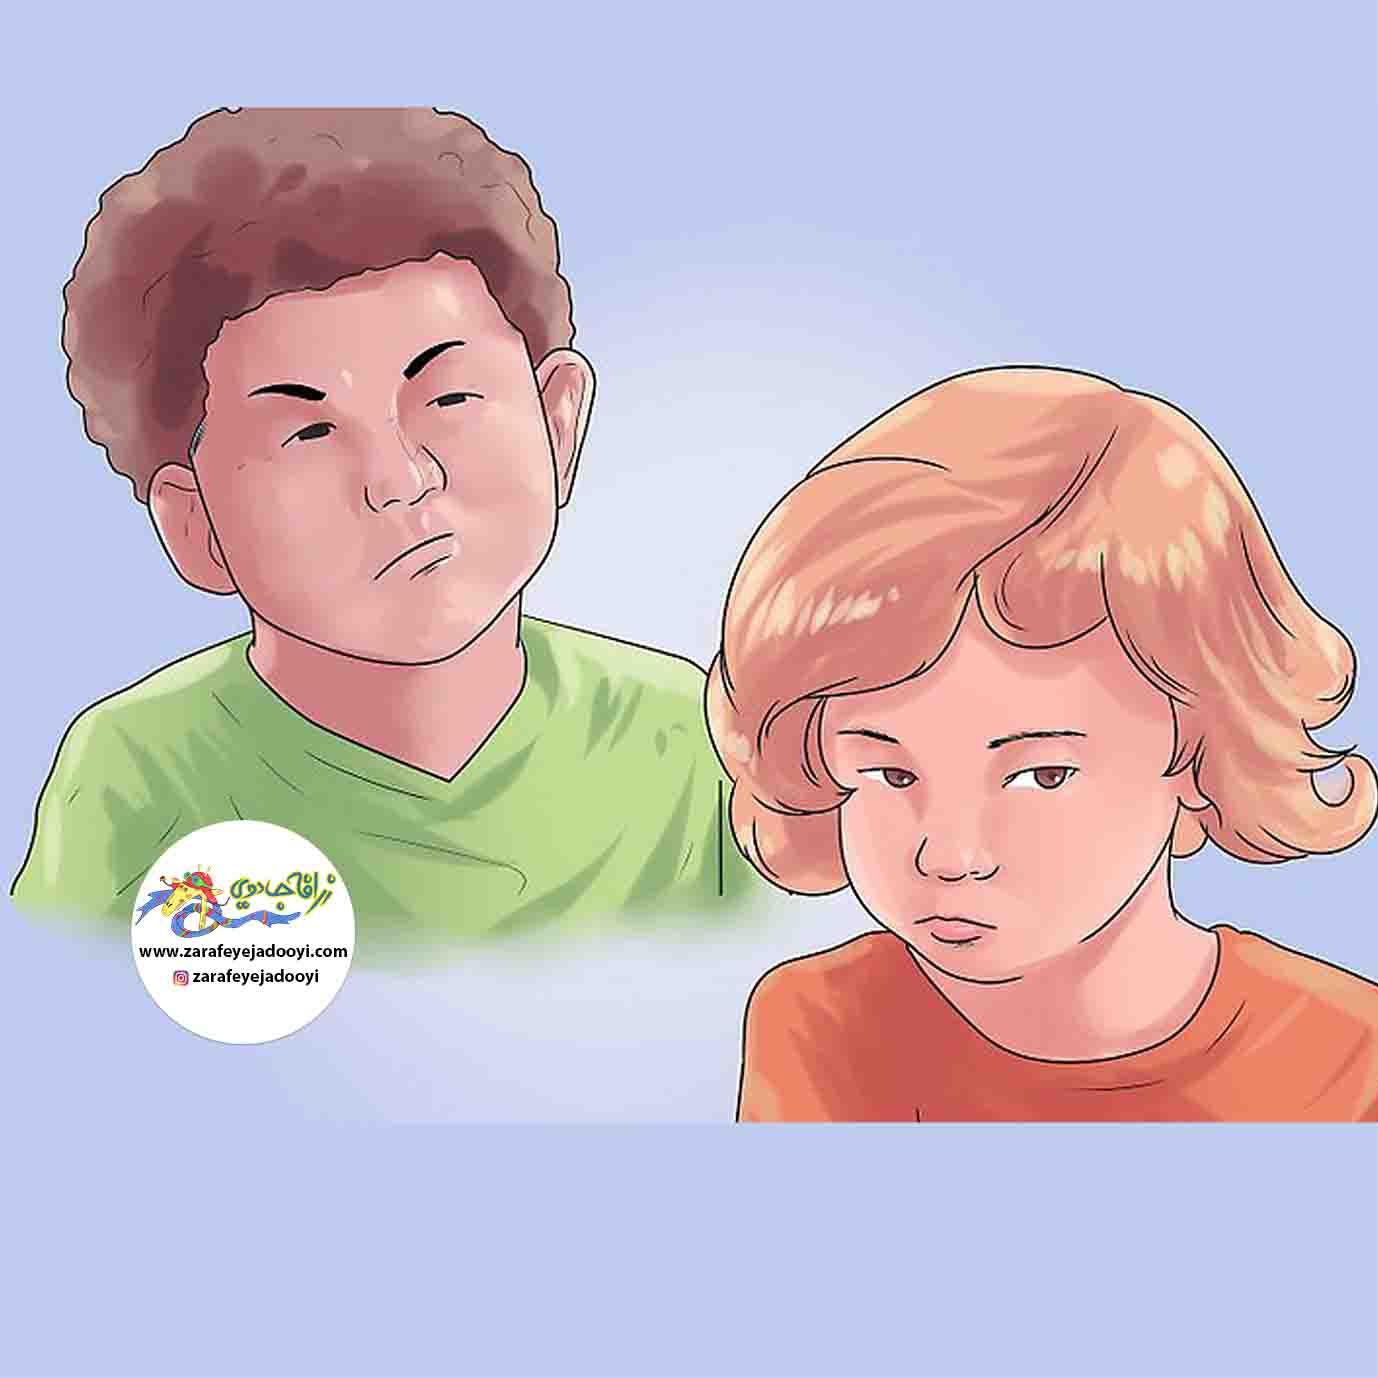 روش های و راهکارهای مناسب برای کنترل حسادت کودکان